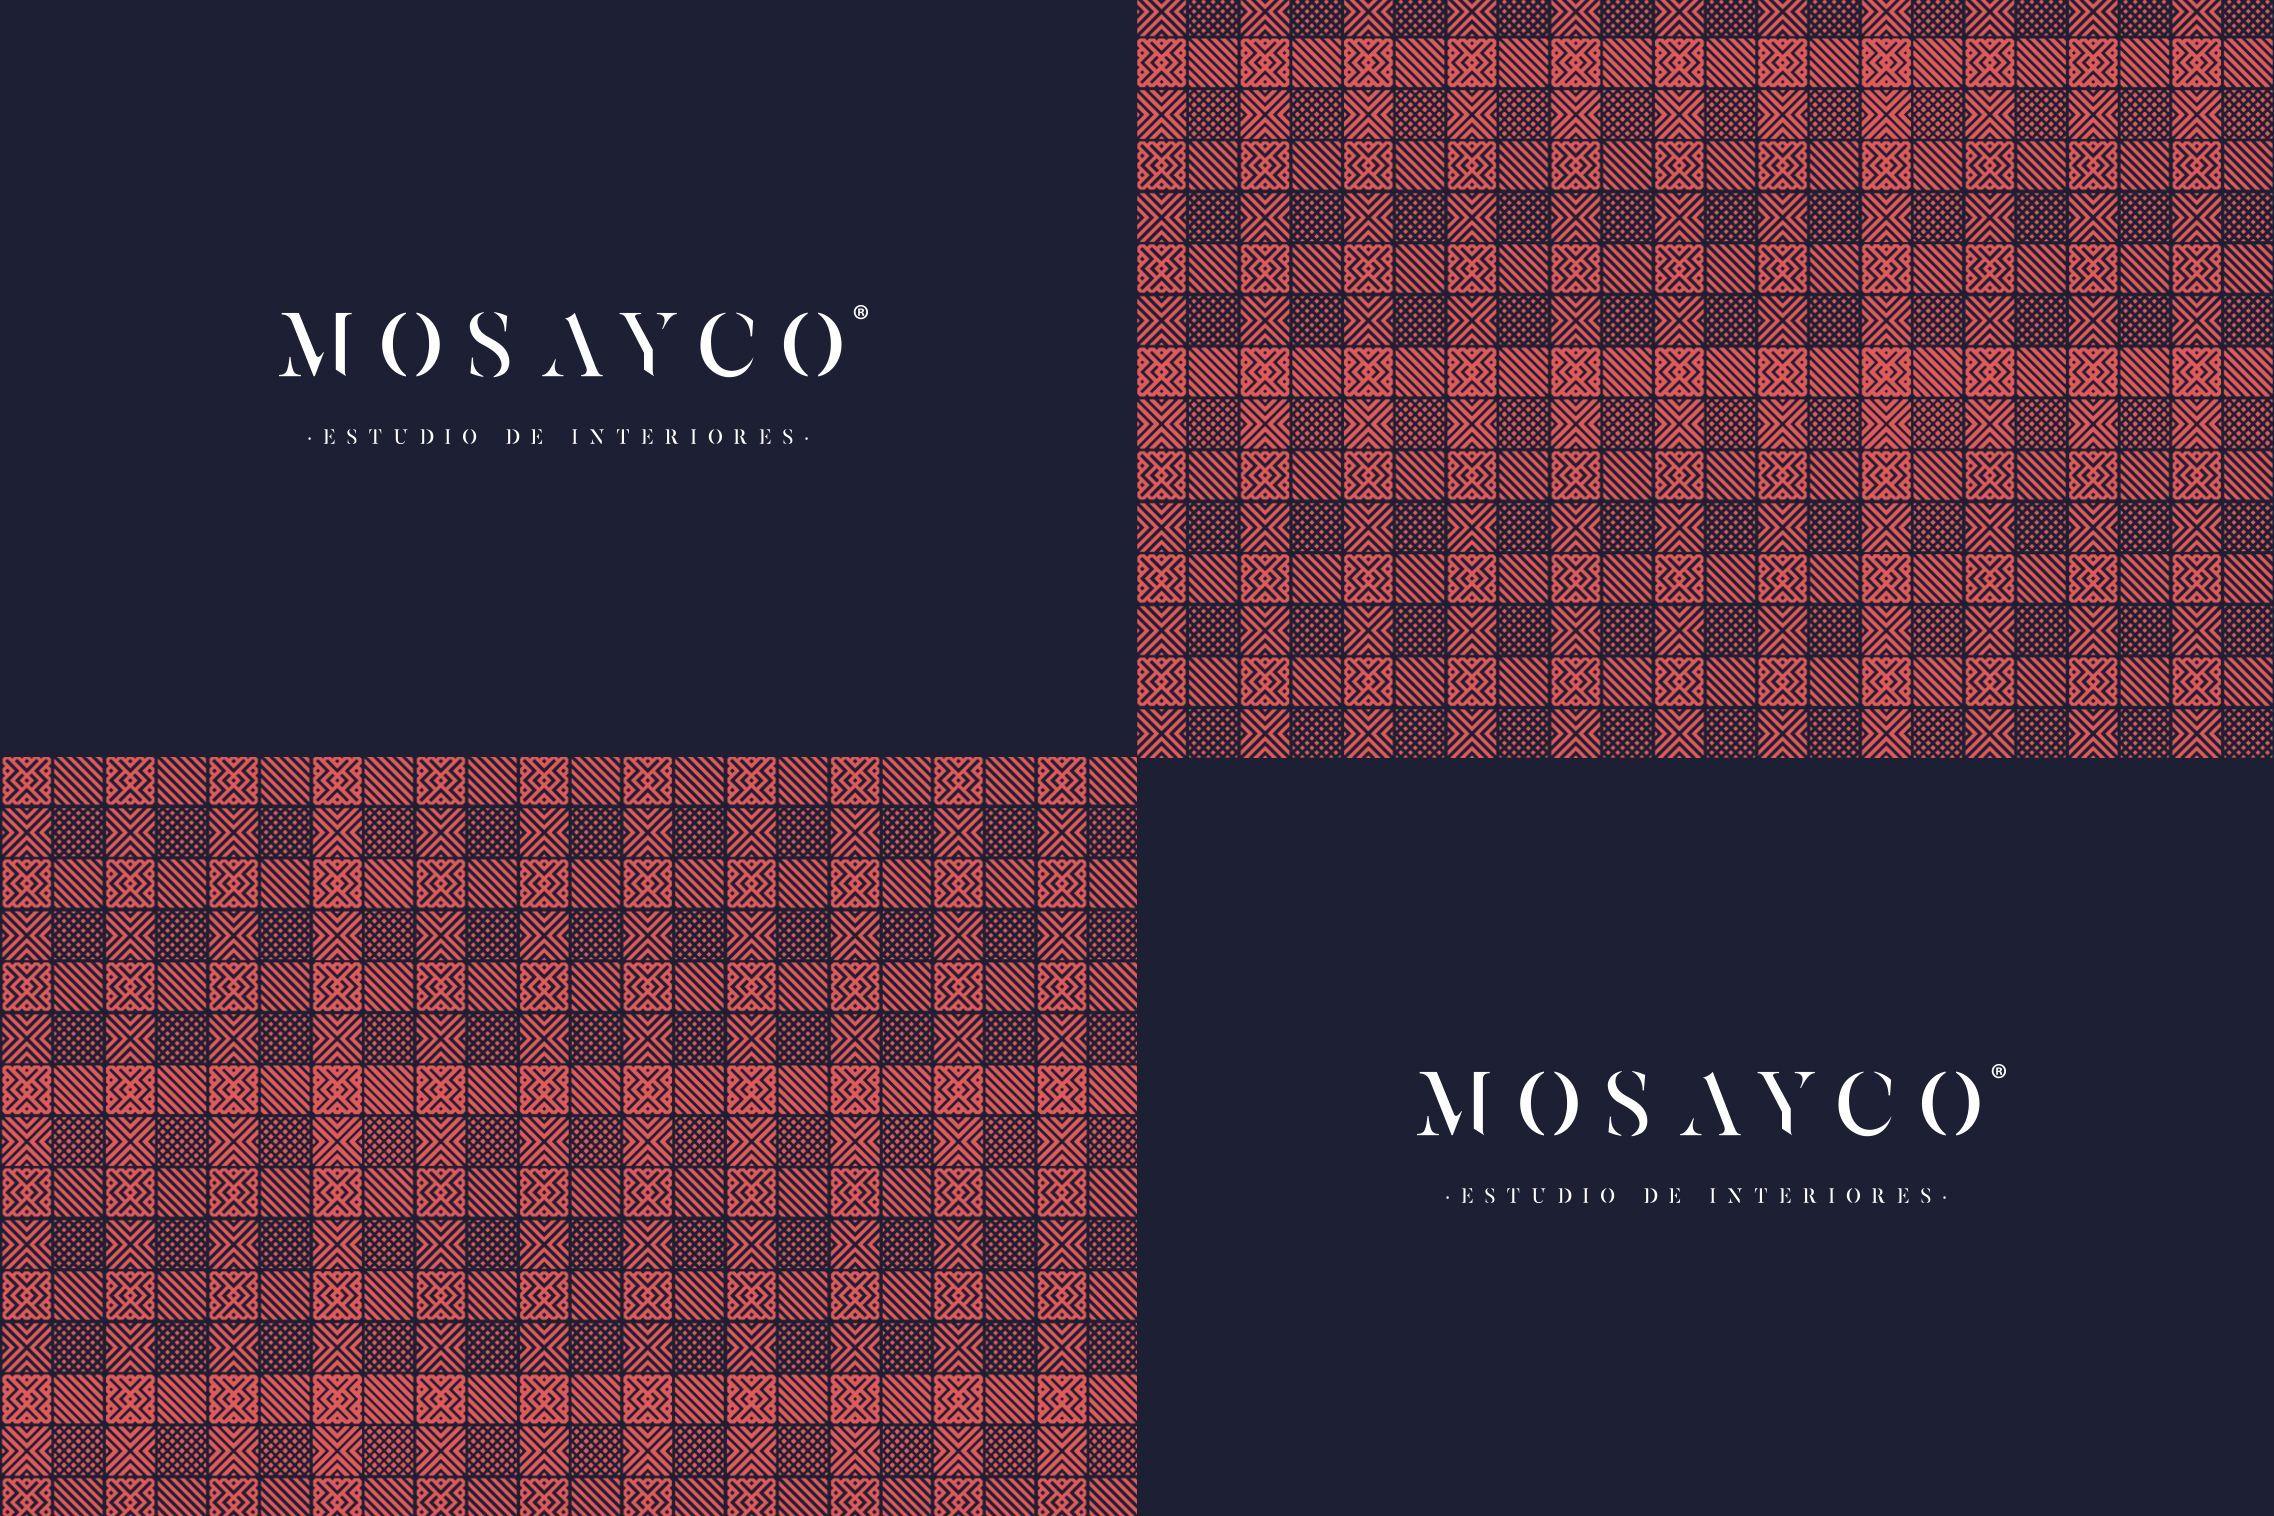 diseño imagen corporativa mosayco